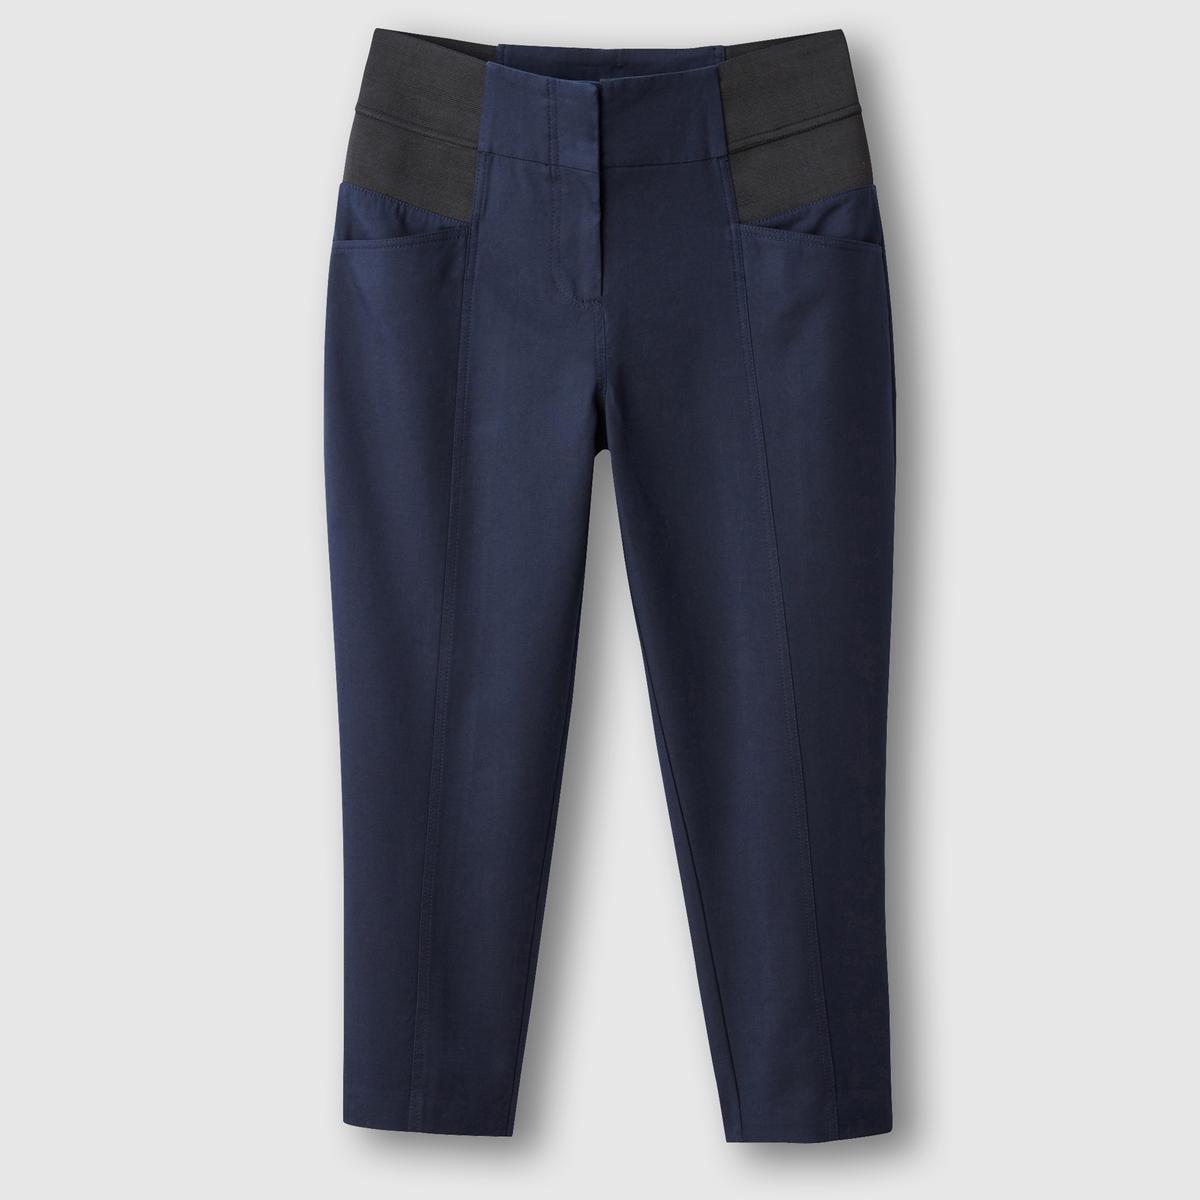 Брюки укороченныеТовар из коллекции больших размеров. Приятный материал, комфортный пояс… брюки, совершенствующие ваш силуэт! Еще более облегающий, комфортный и тянущийся материал, 97% хлопка и 3% эластана. Брюки не мнутся и прекрасно сидят. Высокий ультракомфортный пояс с 2 большими эластичными вставками по бокам моделирует силуэт и обеспечивает прекрасную посадку брюк. Застежка на молнию и крючок. Карманы спереди. Хитрость: швы спереди стройнят ноги! Длина по внутр.шву 60 см, ширина по низу 17 см. См.таблицу размеров Taillissime.<br><br>Цвет: синий морской,черный<br>Размер: 48 (FR) - 54 (RUS).52 (FR) - 58 (RUS).56 (FR) - 62 (RUS).62 (FR) - 68 (RUS).46 (FR) - 52 (RUS).48 (FR) - 54 (RUS).58 (FR) - 64 (RUS).60 (FR) - 66 (RUS).58 (FR) - 64 (RUS).54 (FR) - 60 (RUS).56 (FR) - 62 (RUS)